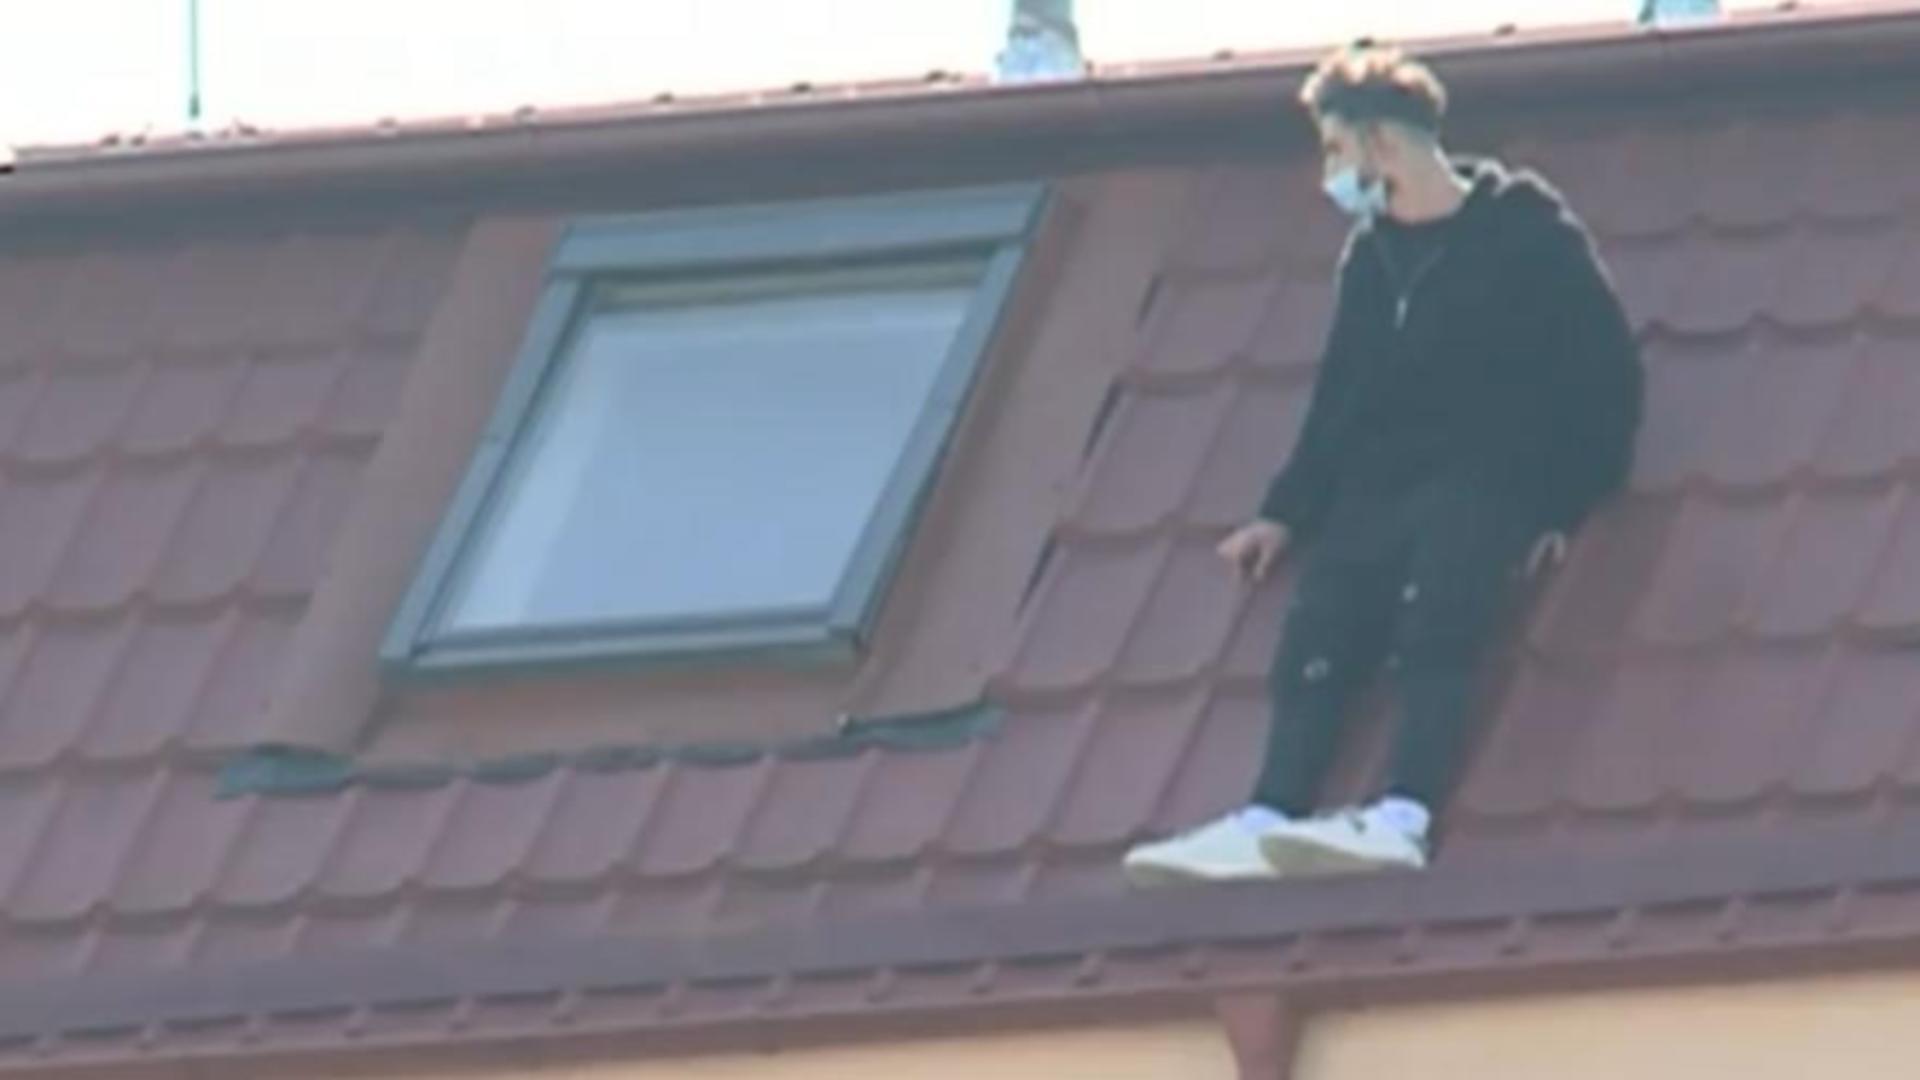 Bărbatul ar fi stat pe acoperișul clădirii mai bine de două ore